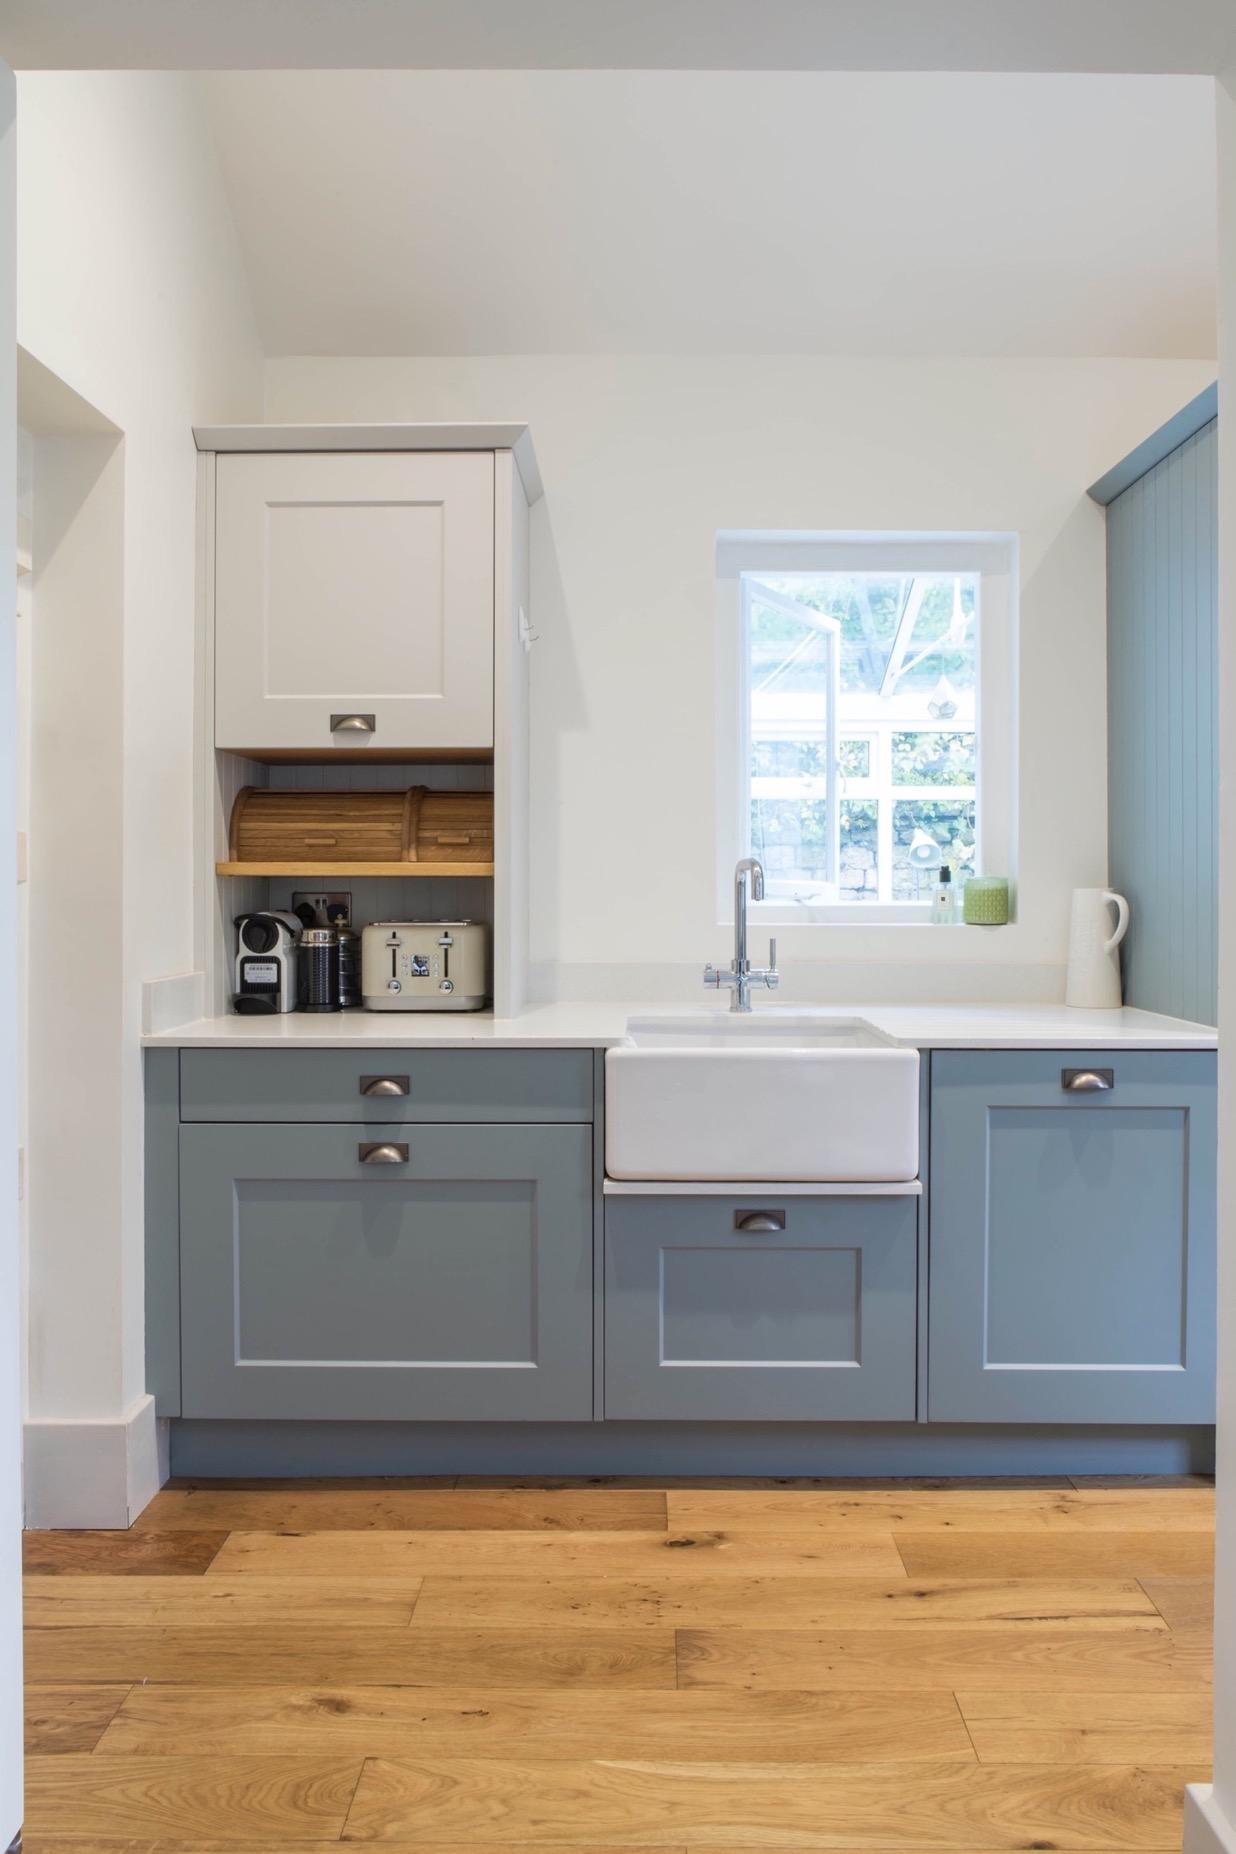 belfast sink worktop dresser thame bespoke kitchen design oxfordshire 2